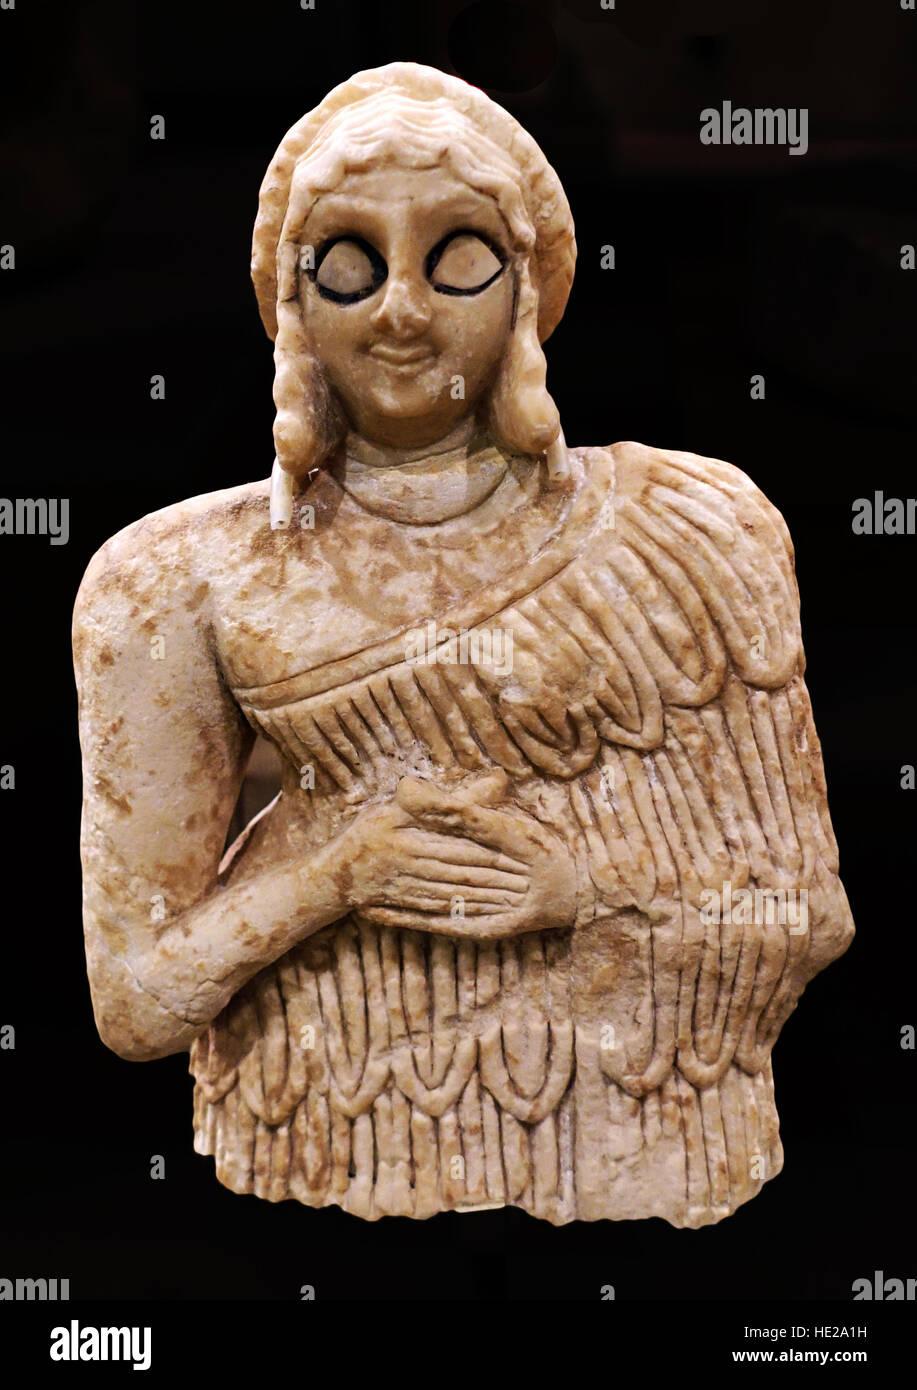 6026. Statue d'une femme en adorant poser, gypse, Khfajah, Mésopotamie, l'Irak, ch. 2650-2550 BC. Photo Stock